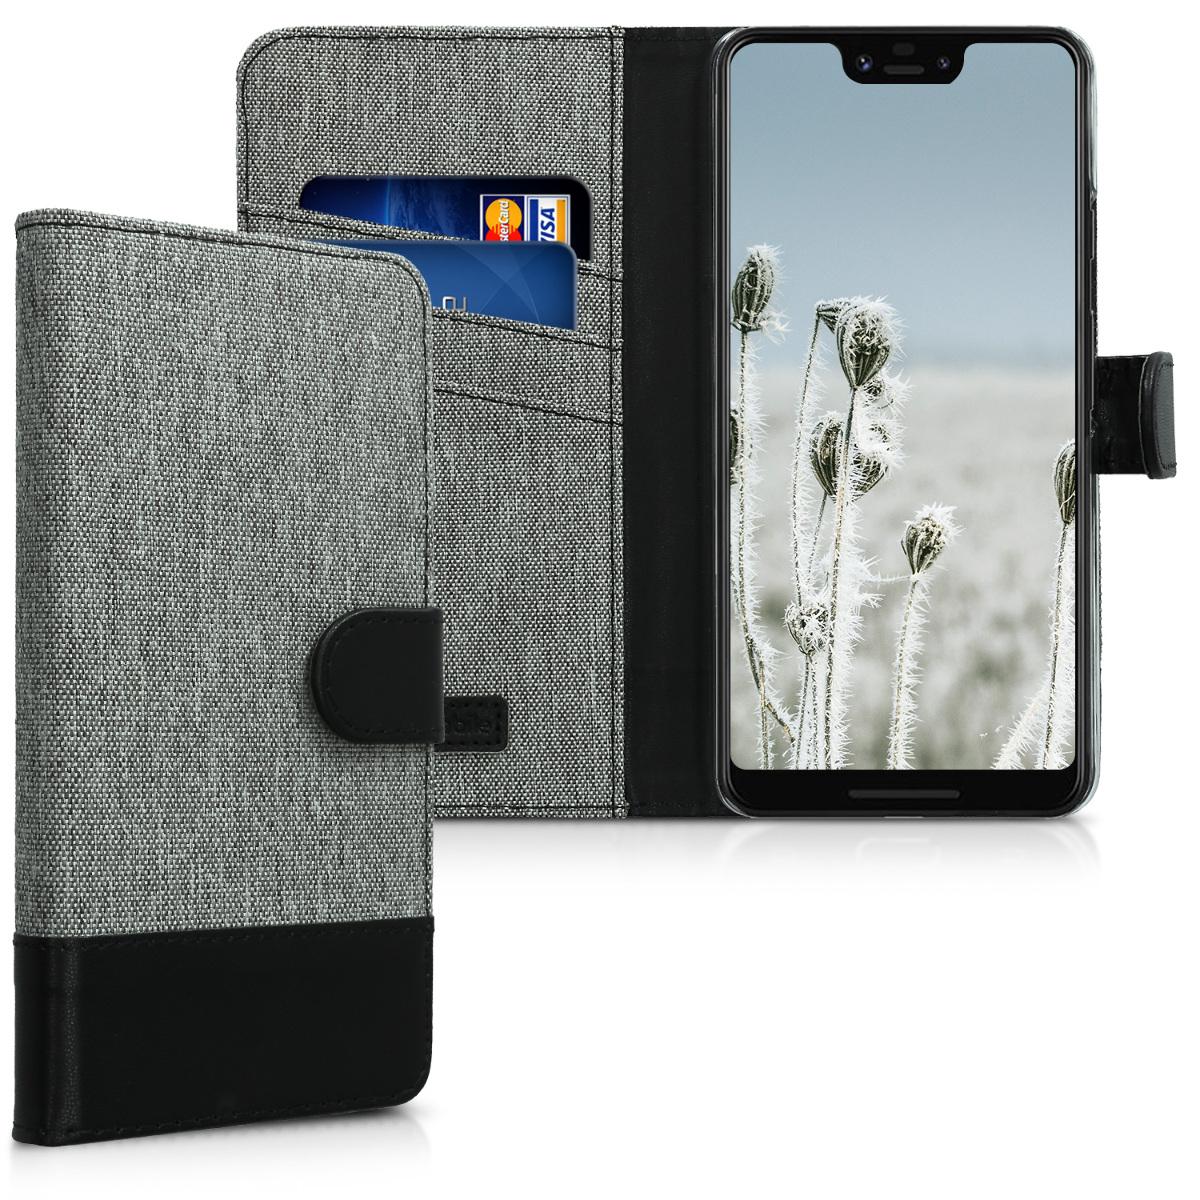 KW Θήκη-Πορτοφόλι Google Pixel 3 XL - Γκρι/Μαύρο- καμβάς (46245.22)